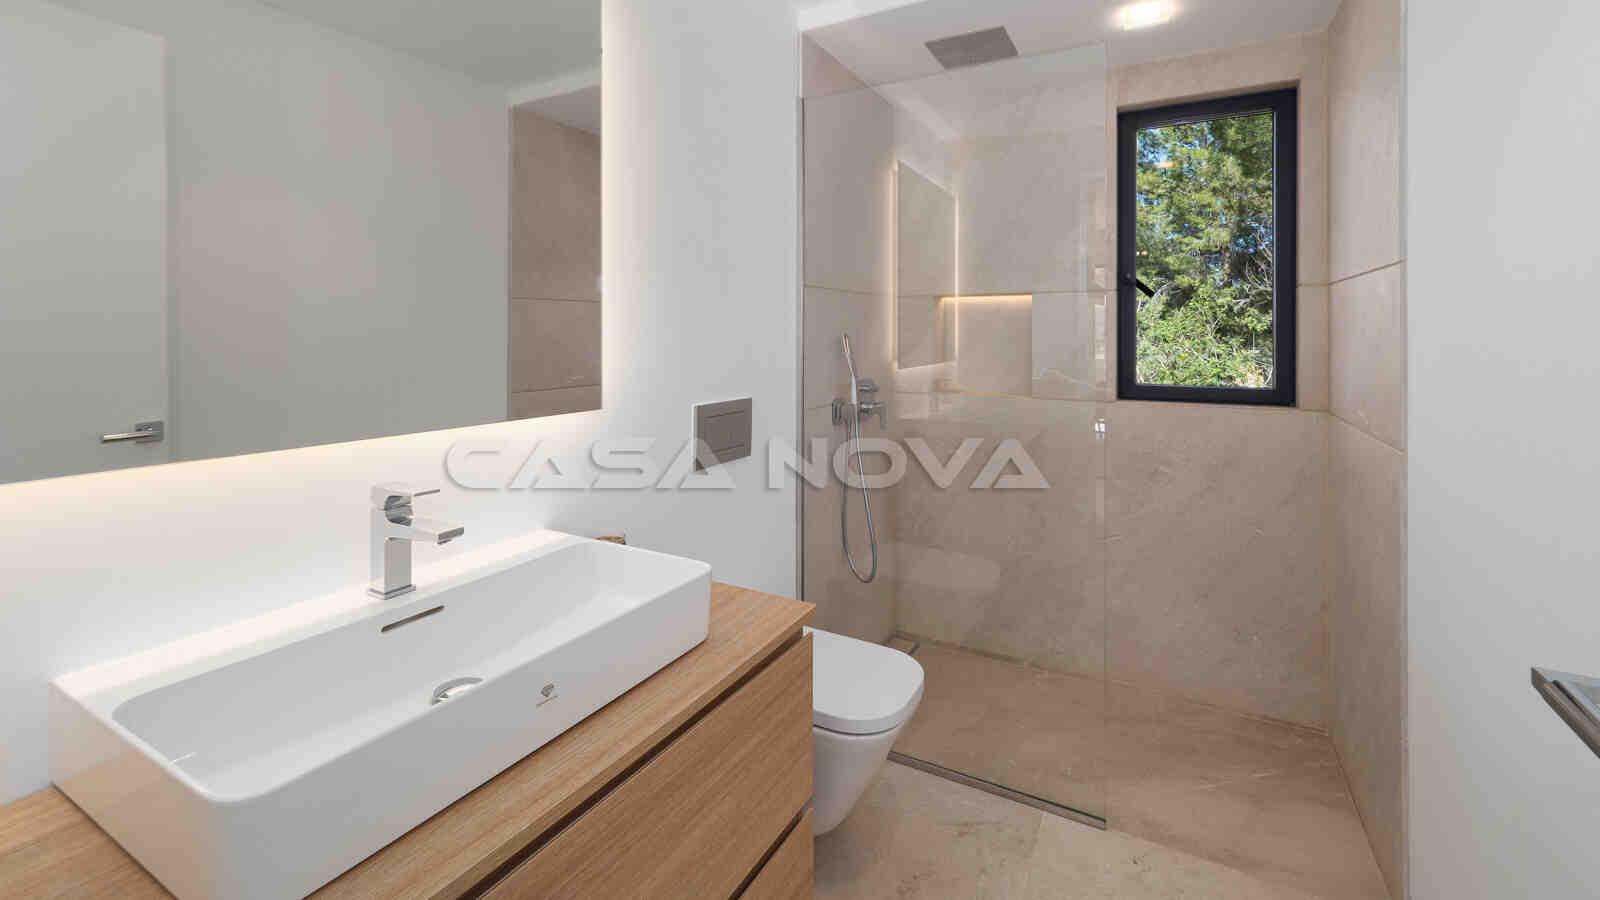 Geräumiges Badezimmer mit Glasdusche